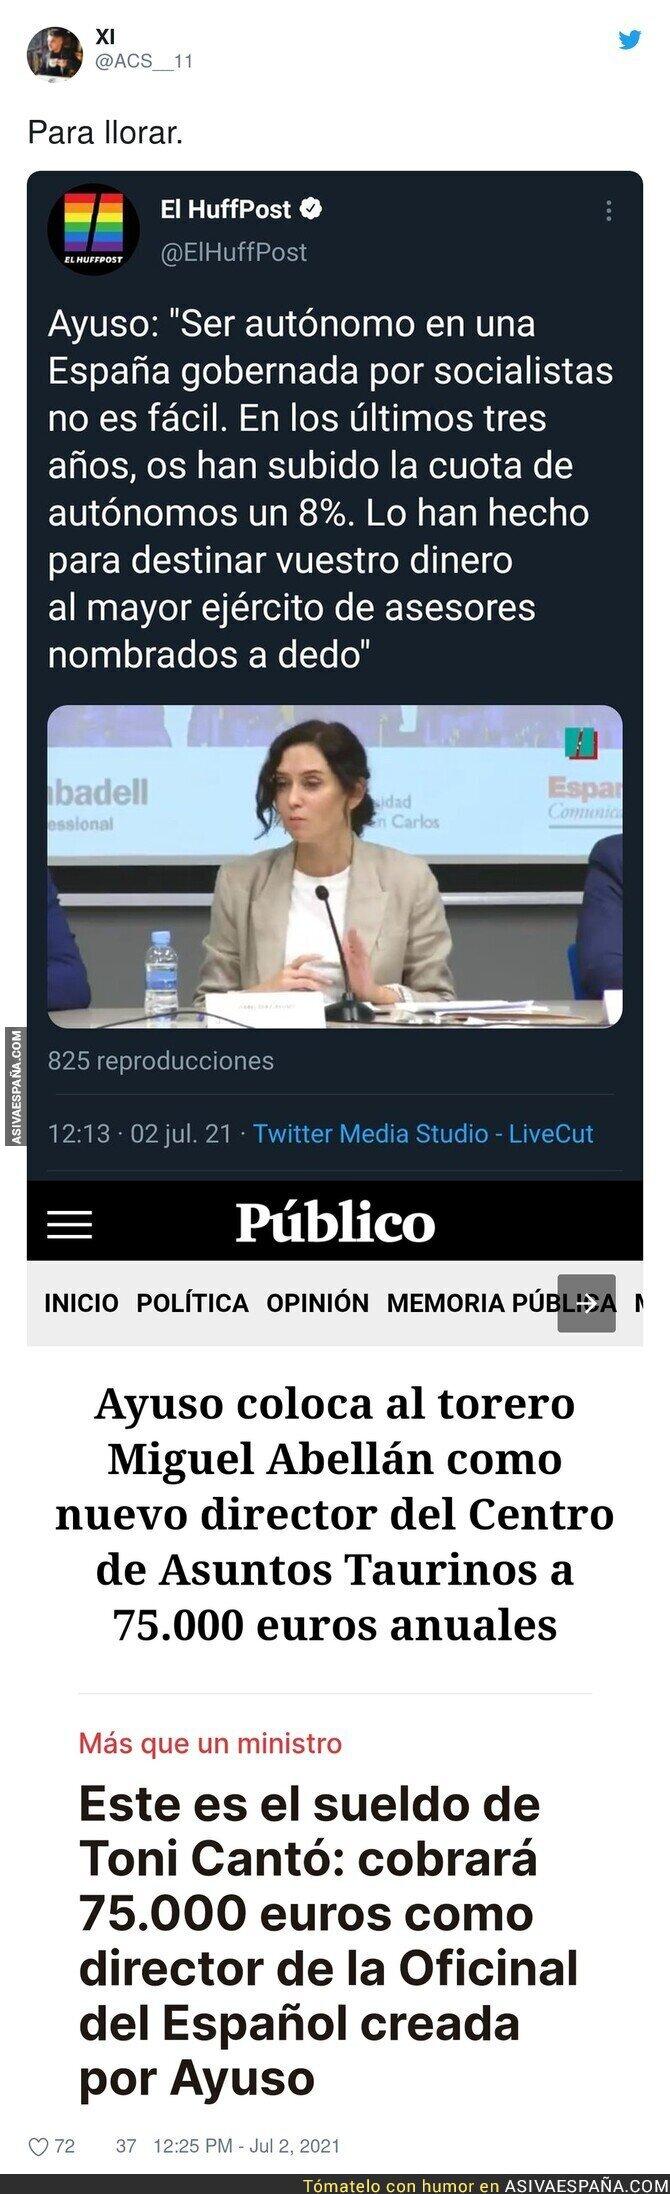 819377 - Es para llorar viendo el historial de Isabel Díaz Ayuso